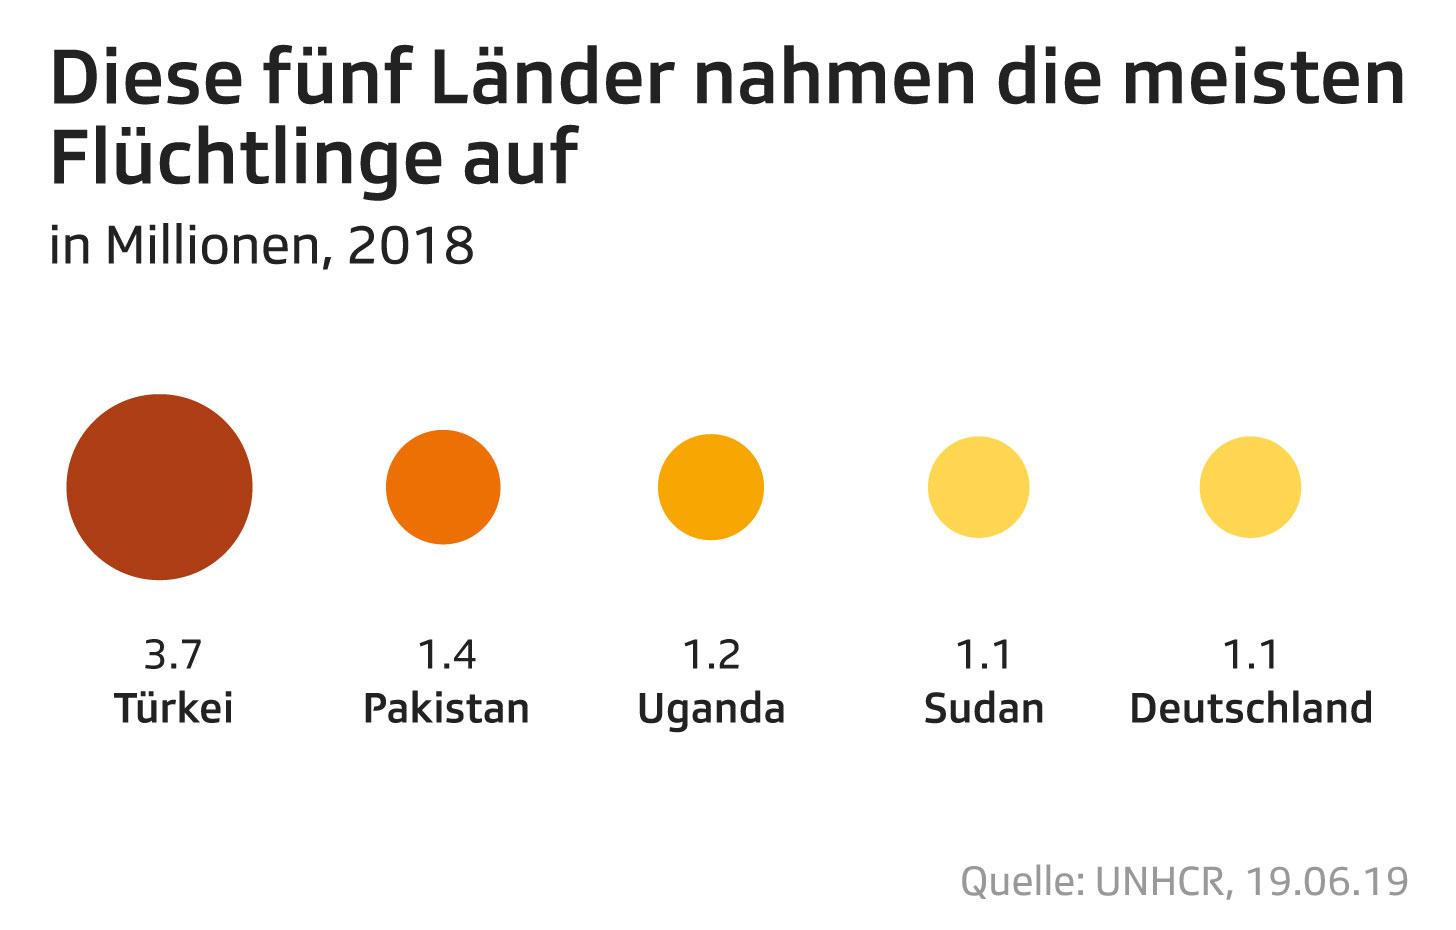 Diese fünf Länder nahmen die meisten Flüchtlinge auf